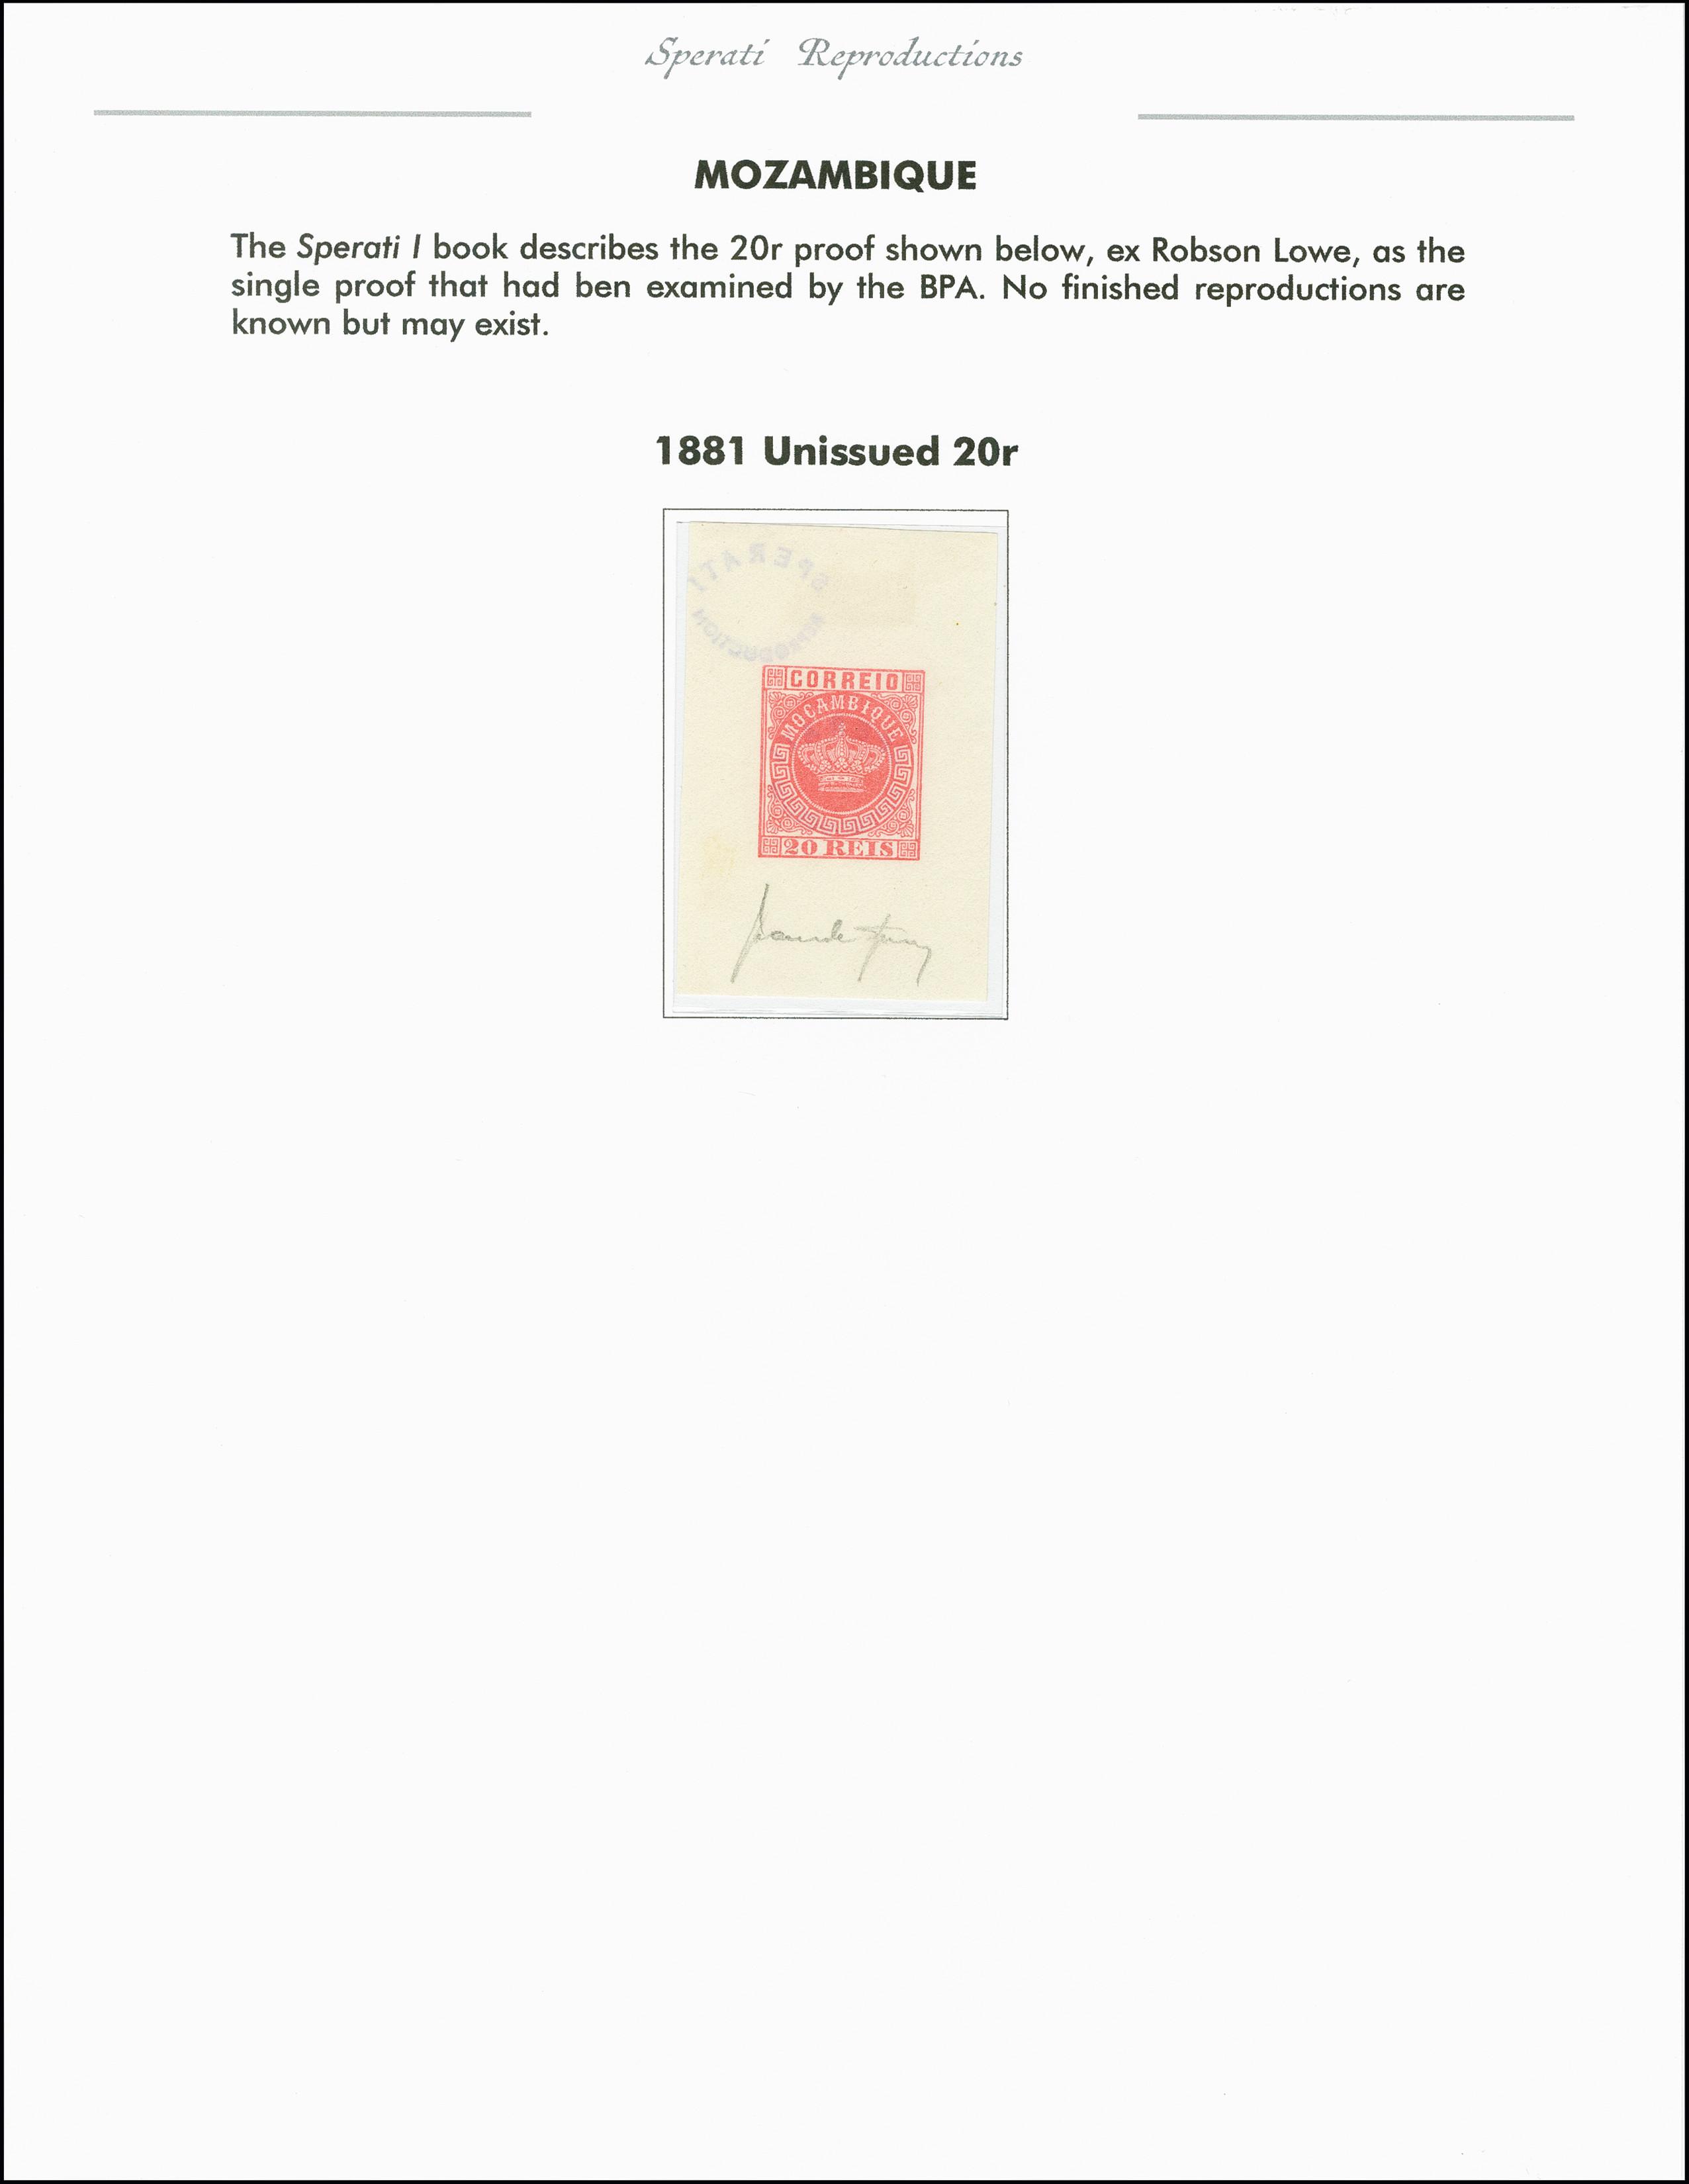 Lot 2208 - portugiesische kolonien mocambique -  Heinrich Koehler Auktionen 375rd Heinrich Köhler auction - Day 1